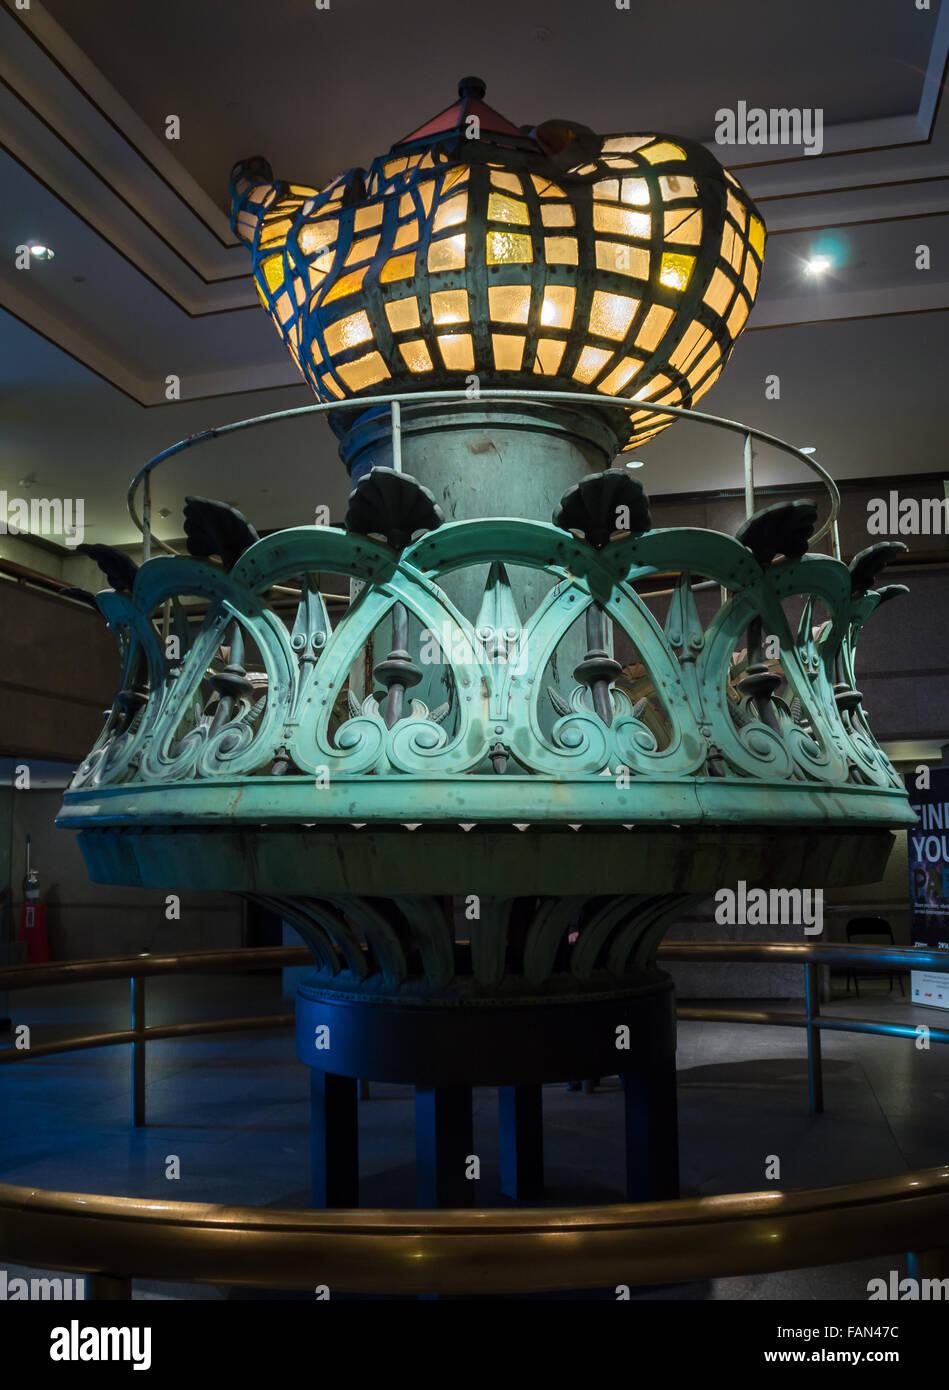 La torcia originale dello stato della libertà, visualizzato nel foyer della Statua della Libertà museo Immagini Stock